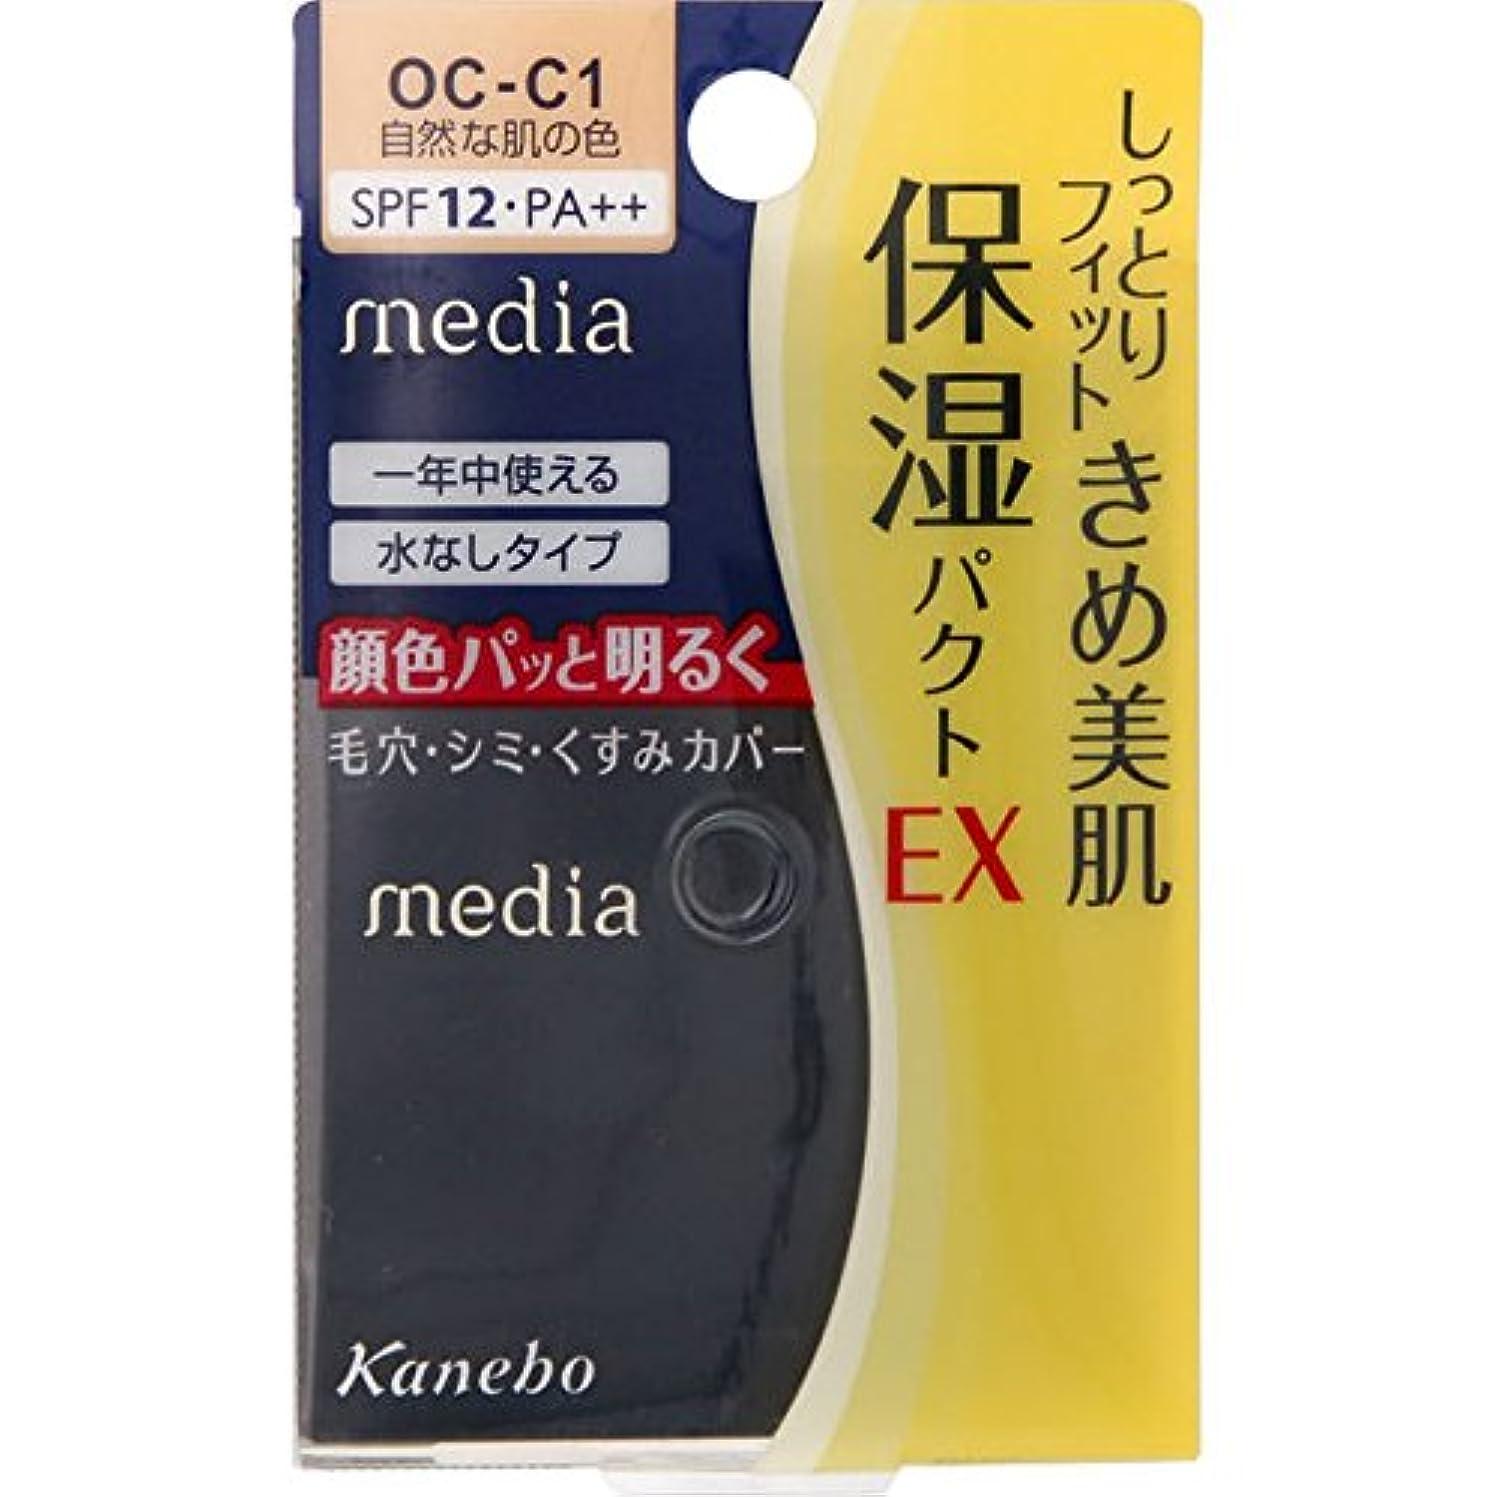 ペストシャンパン日カネボウ メディア モイストフィットパクトEX OC-C1(11g)